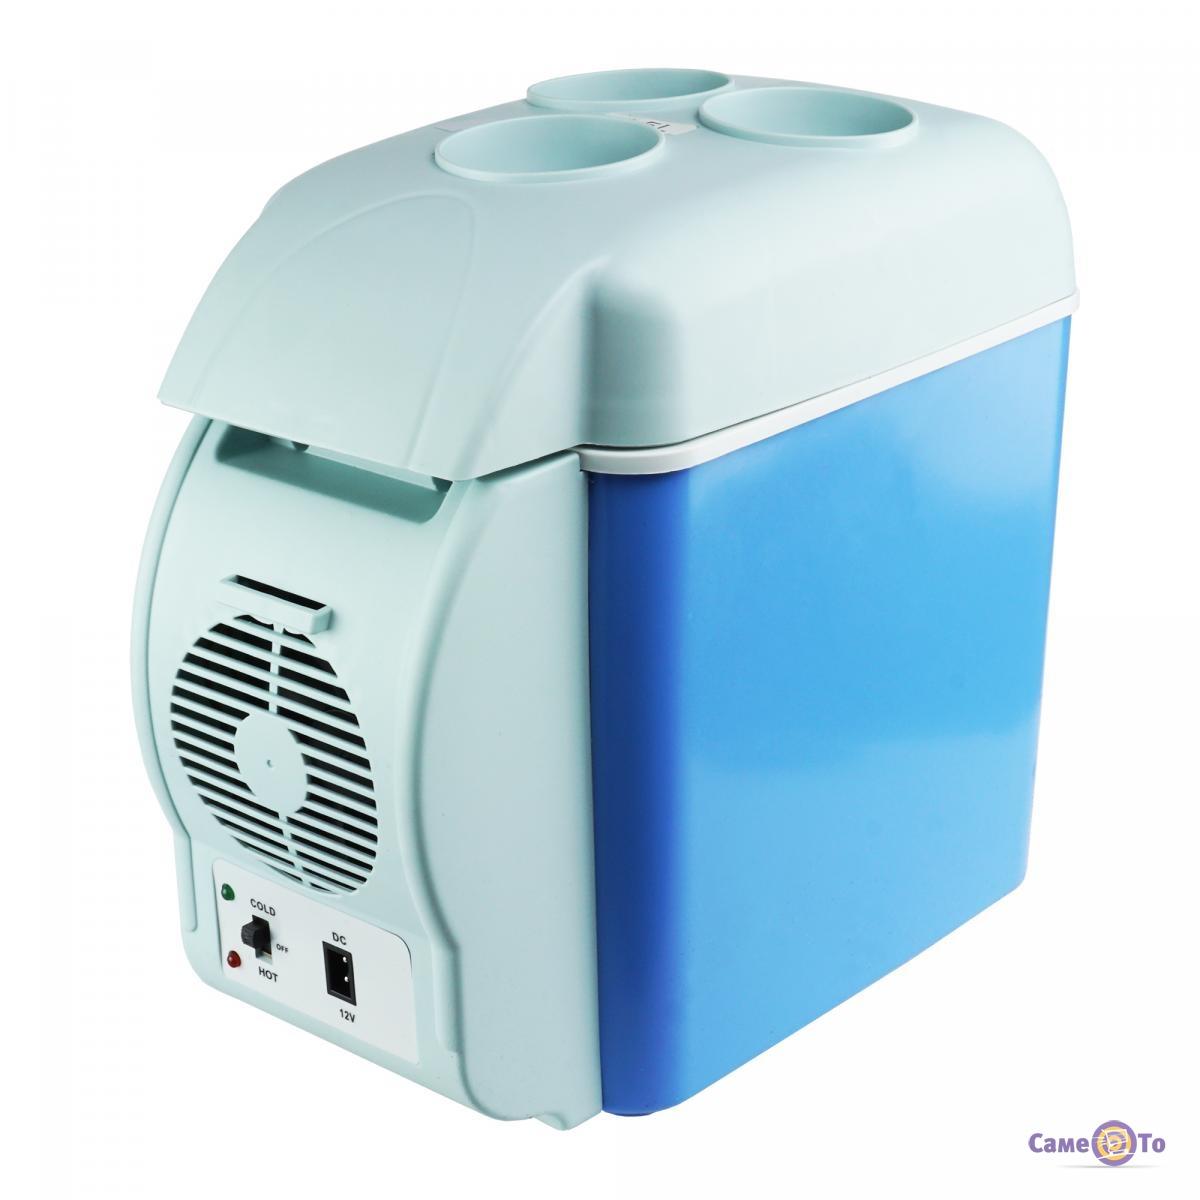 Автомобильный холодильник на 7.5 л - портативный холодильник в машину, 65W 12 V